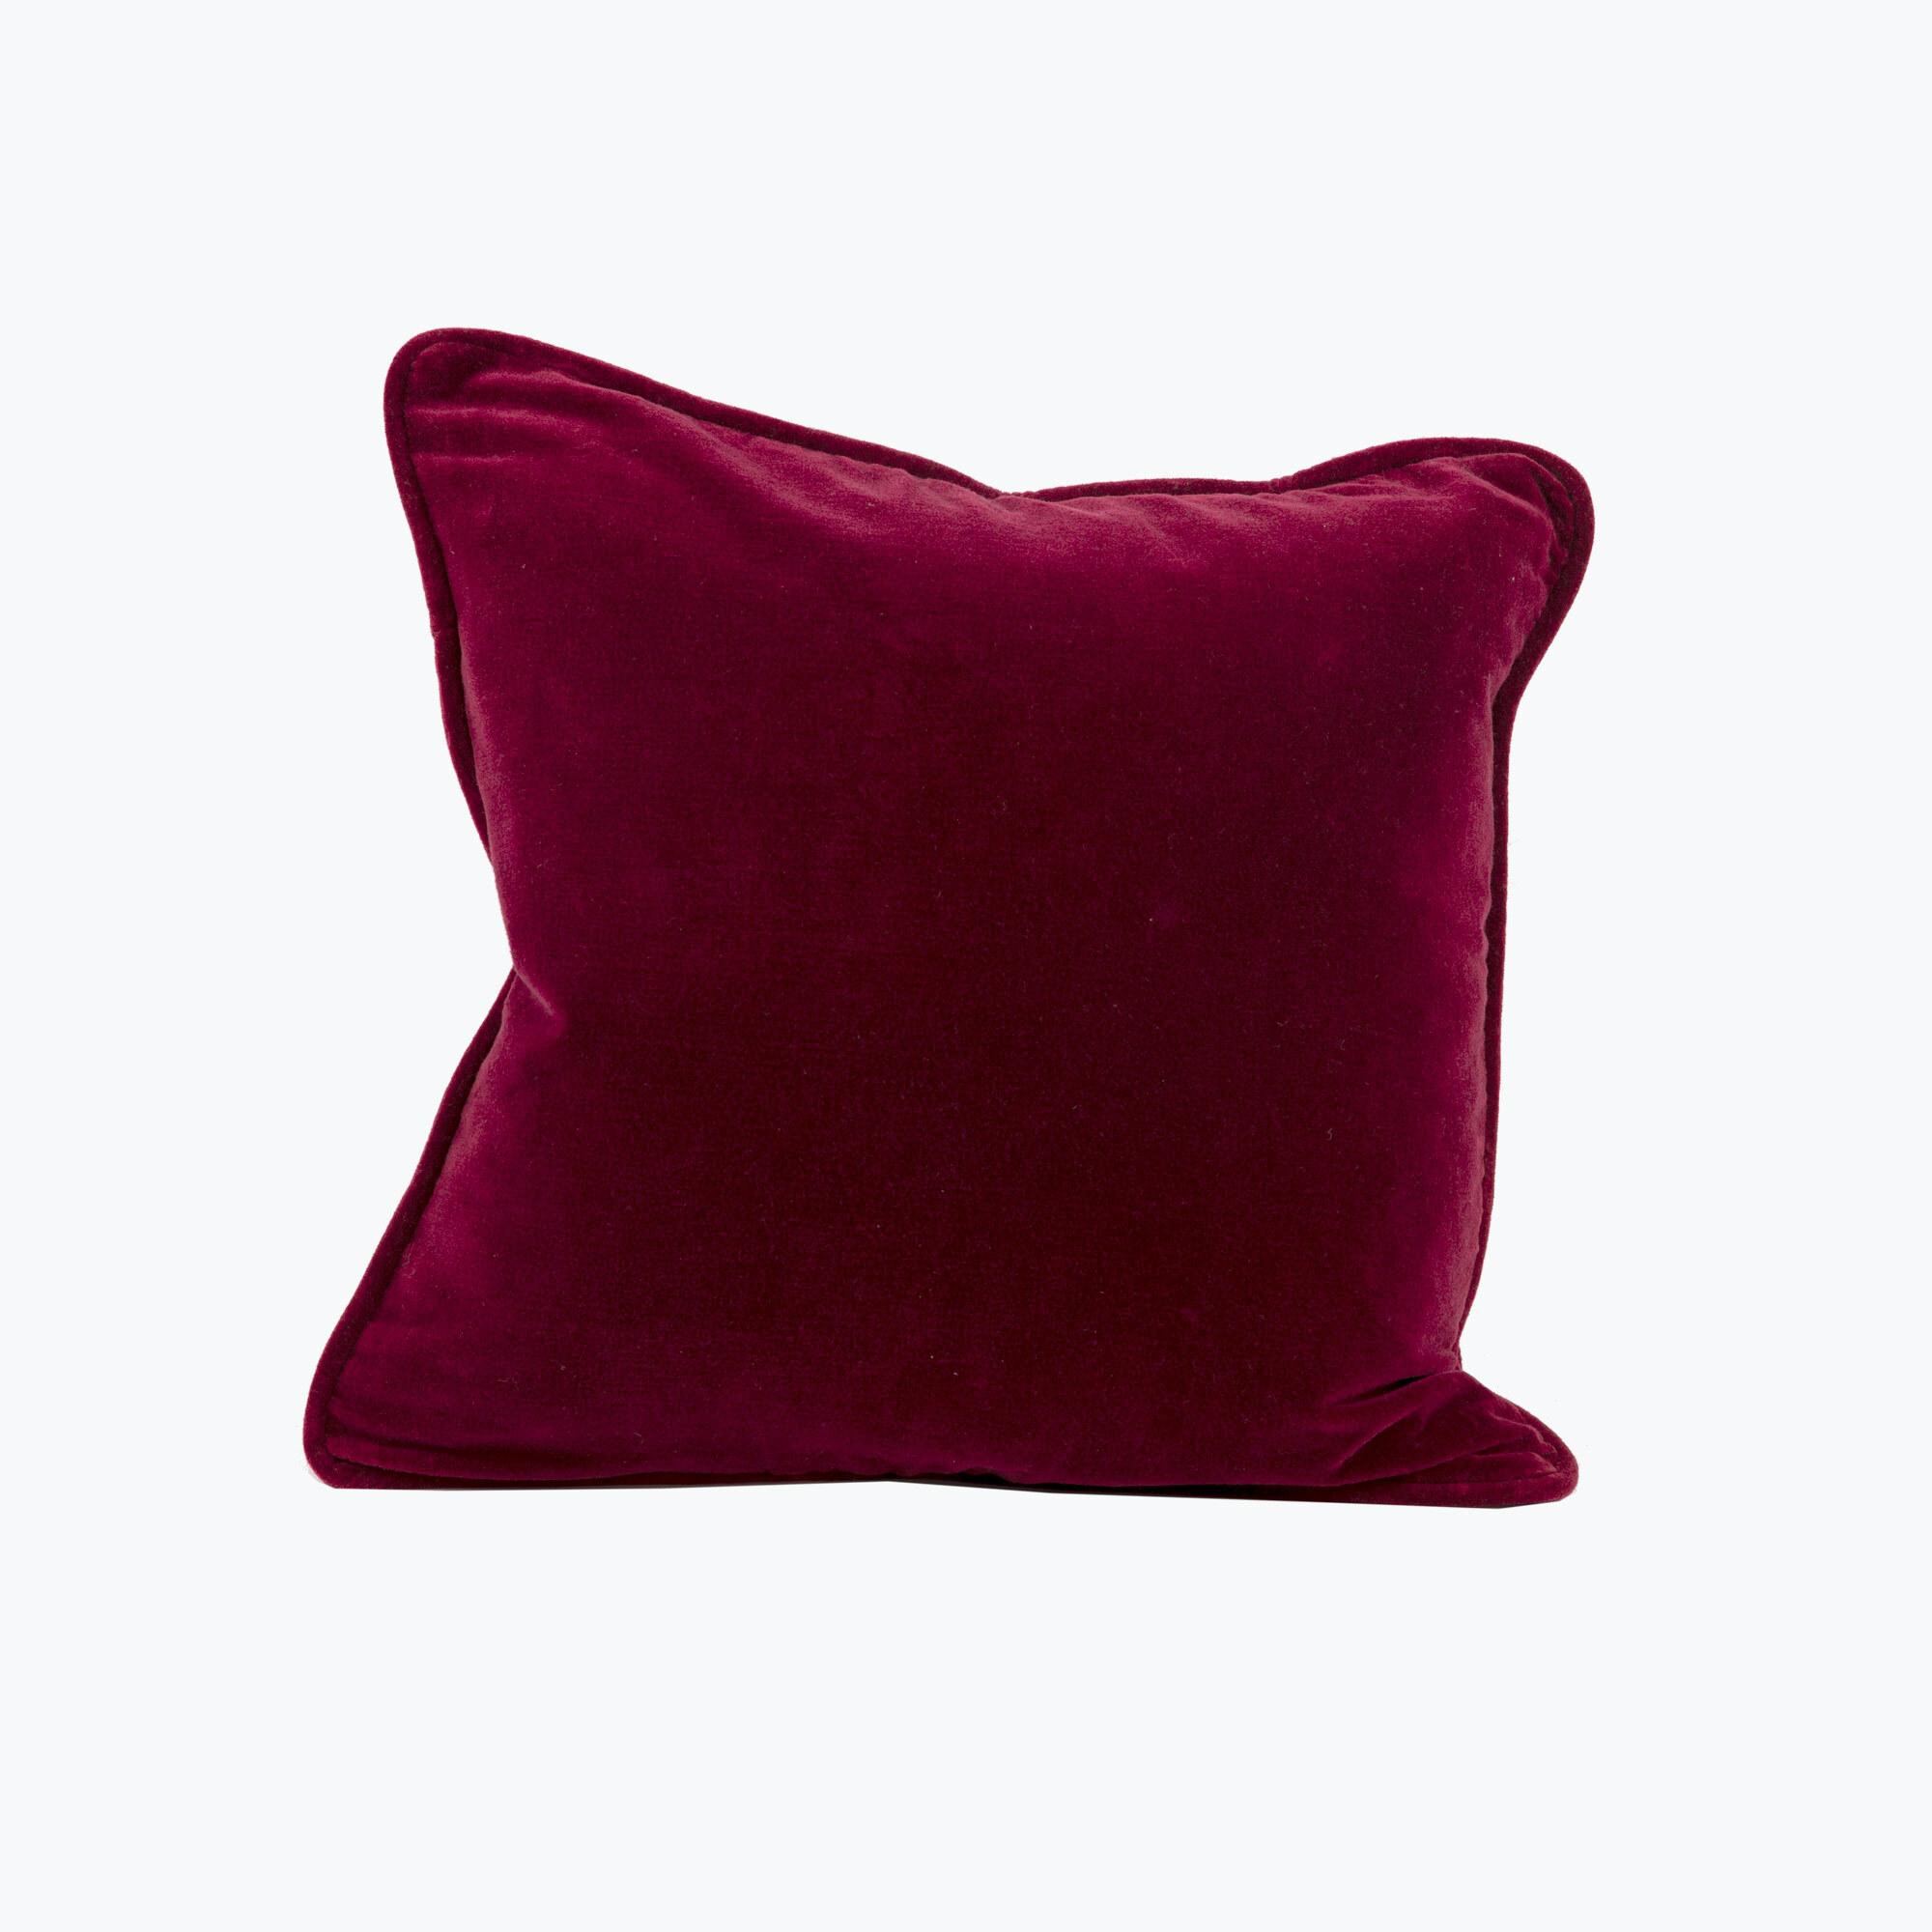 Burgundy Velvet kudde 45x45 cm